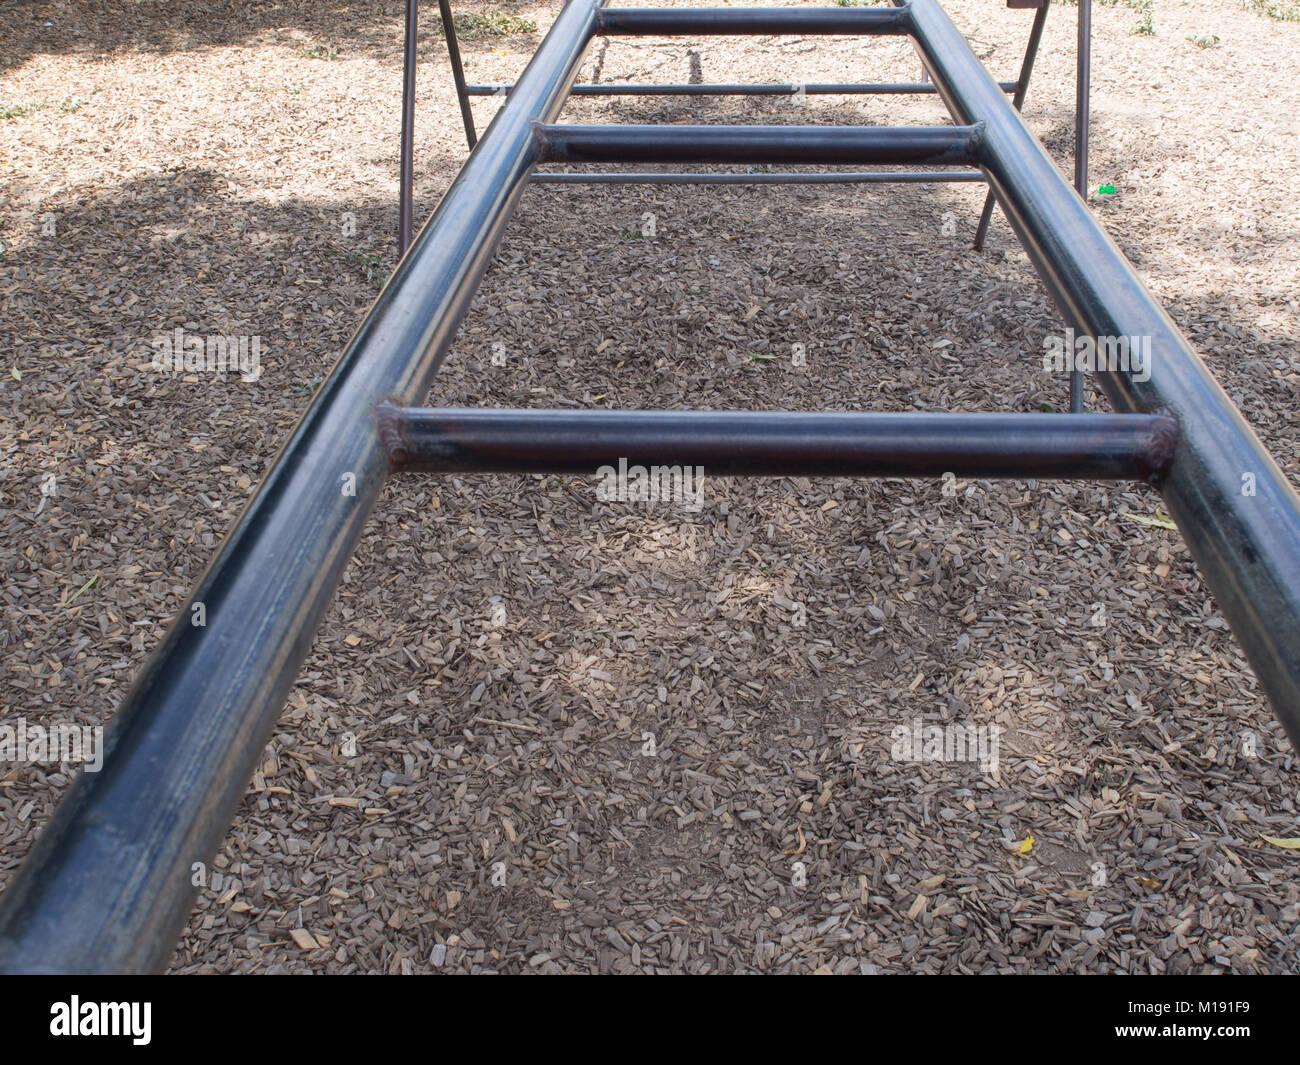 Klettergerüst Outdoor Metall : Spielplatz metall klettergerüst stockfoto bild: 172917117 alamy